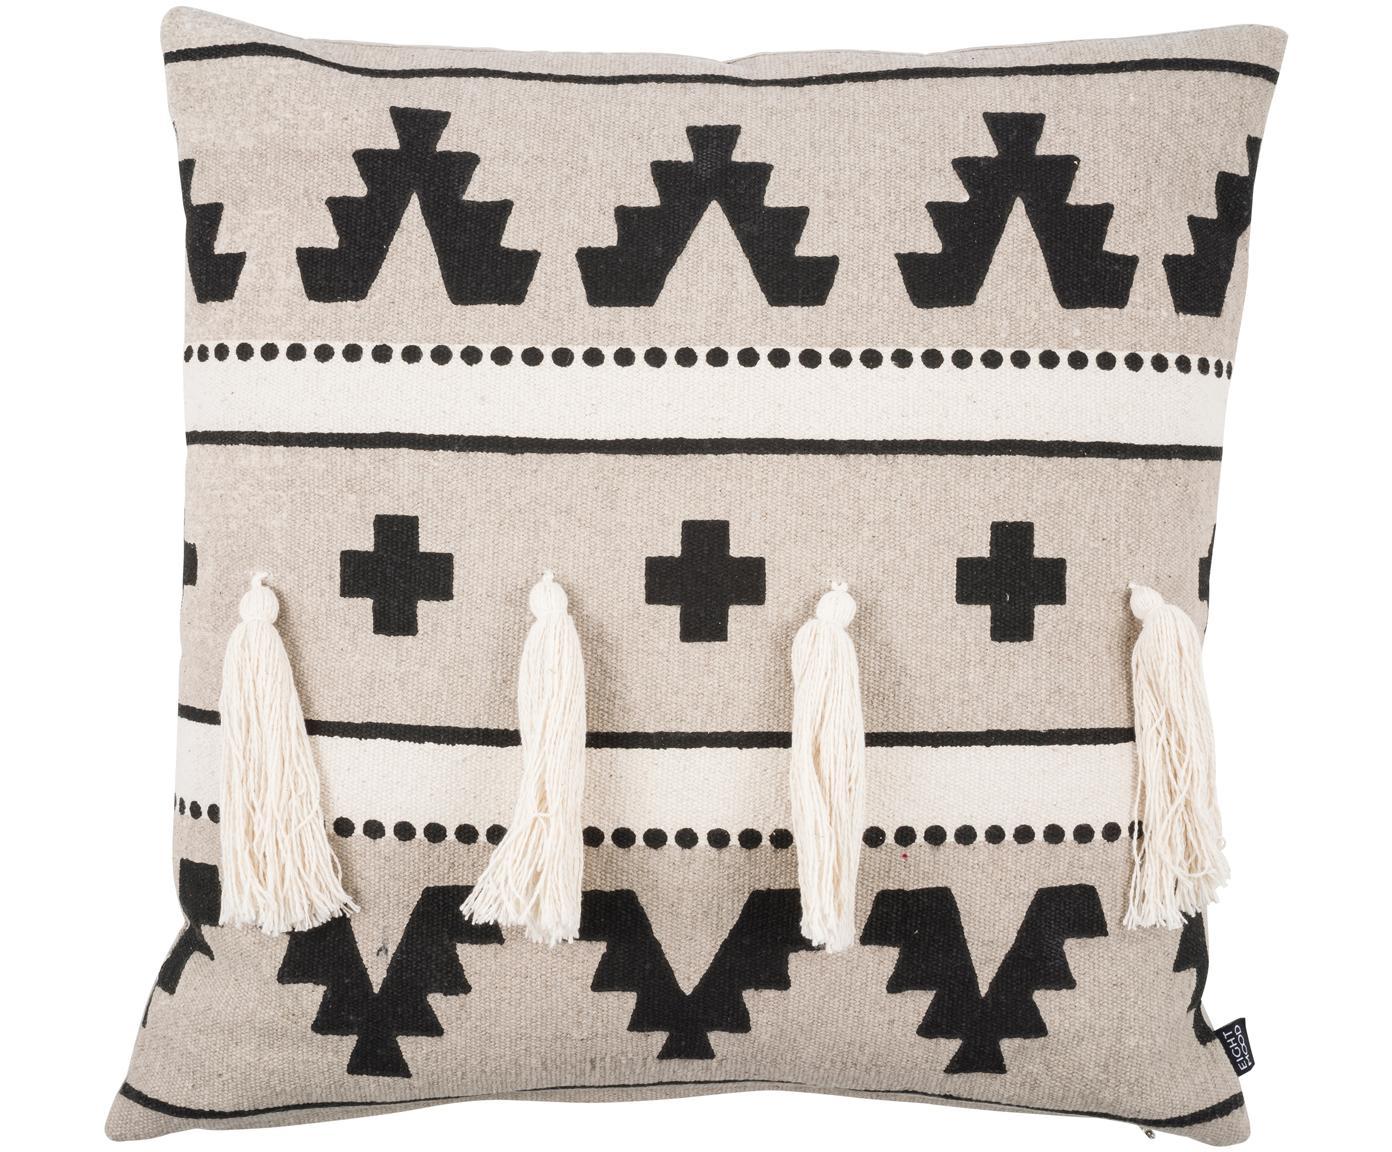 Ethno kussenhoes Wildheart met kwastjes, Katoen, Beige, crèmekleurig, zwart, 50 x 50 cm